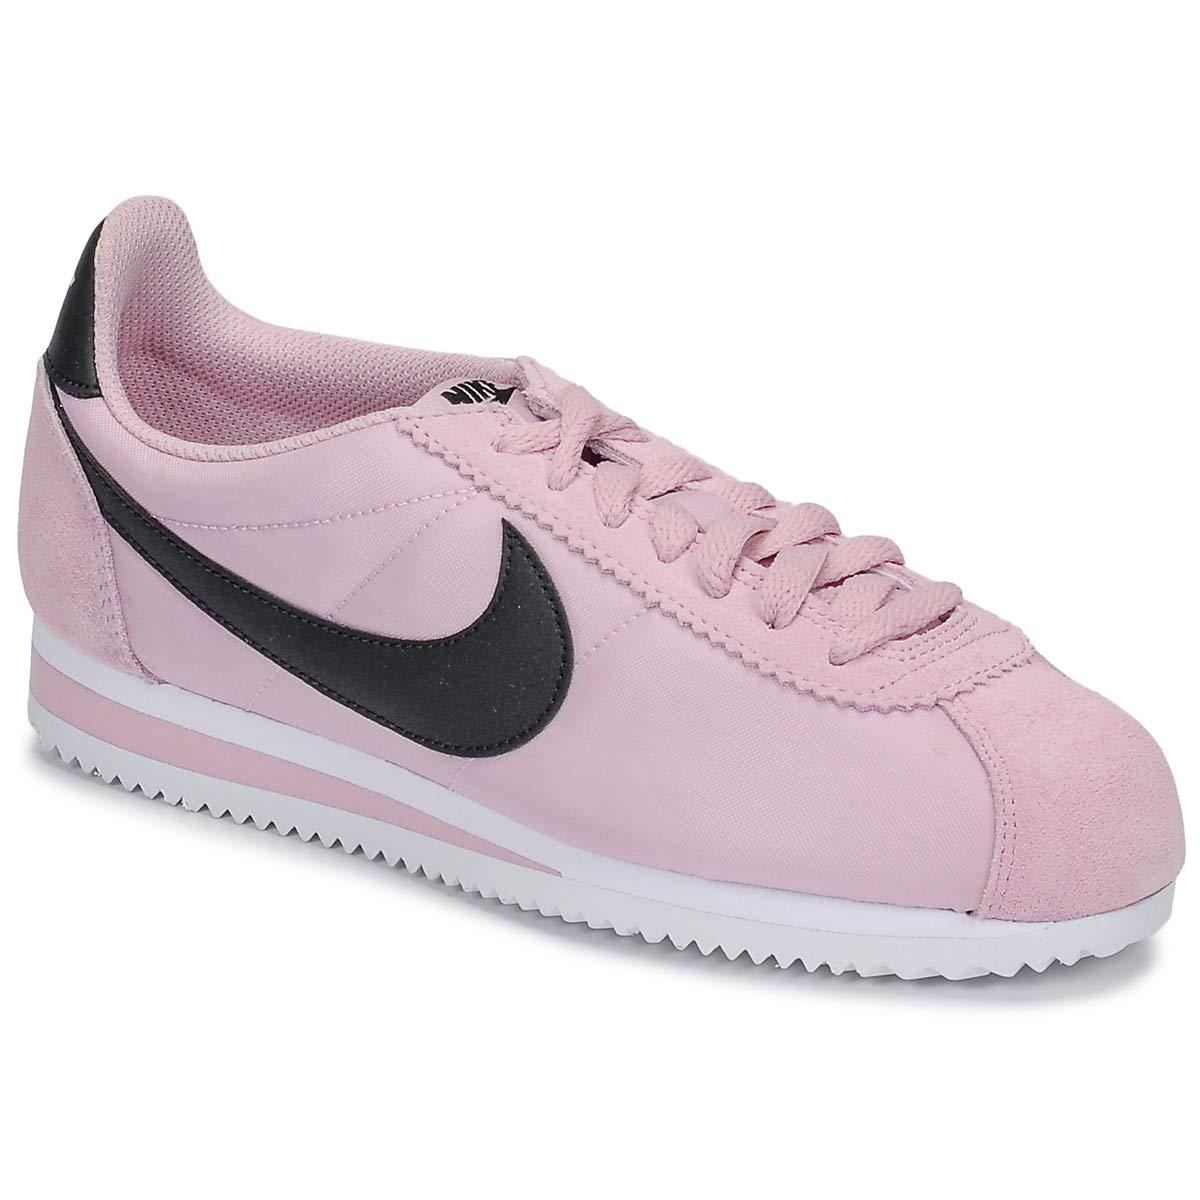 MultiCouleure (Plum Chalk noir blanc 502) Nike WMNS Classic Cortez Nylon, Chaussures d'Athlétisme Femme 36 EU